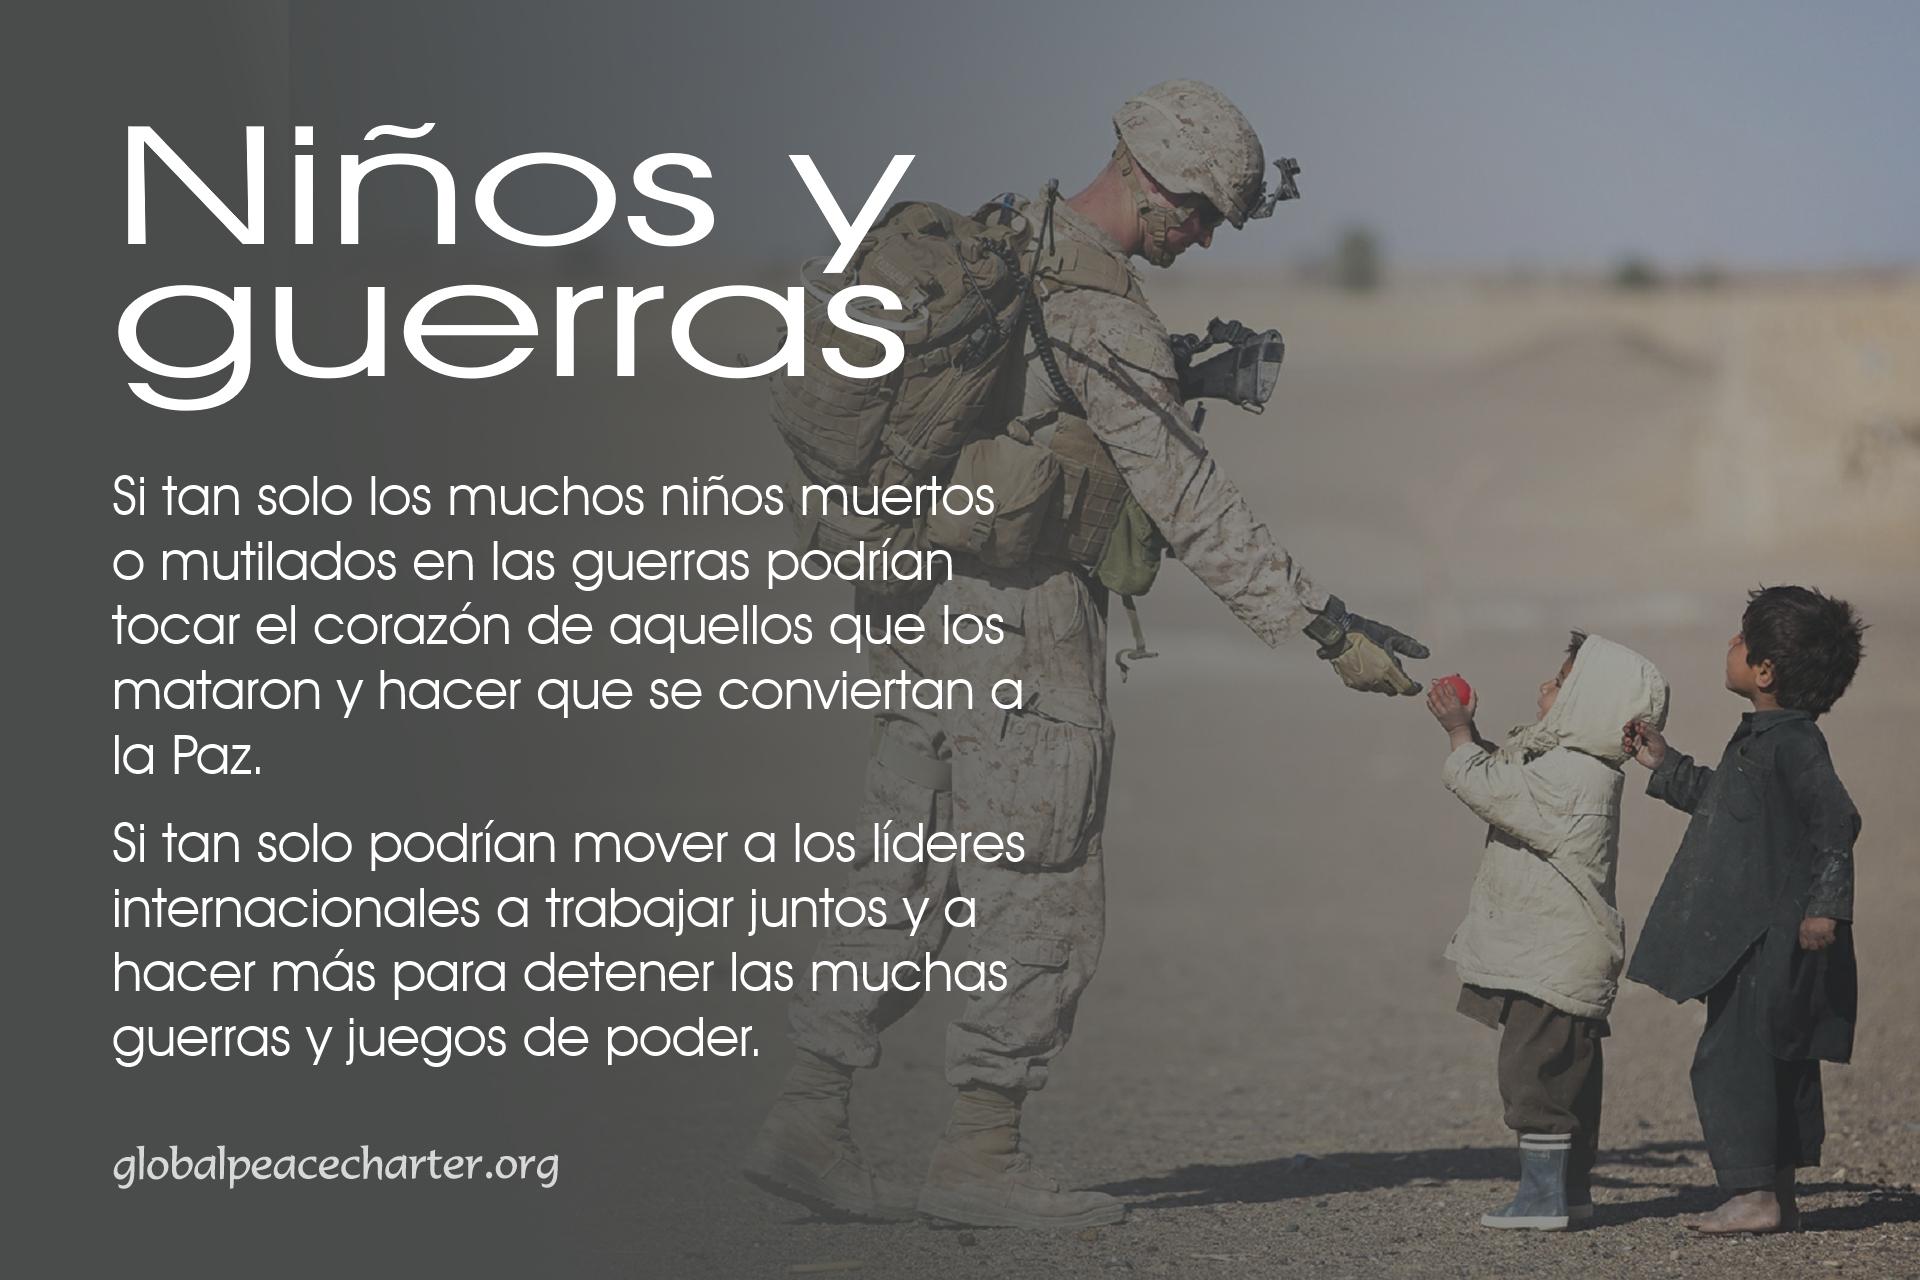 Niños y guerras